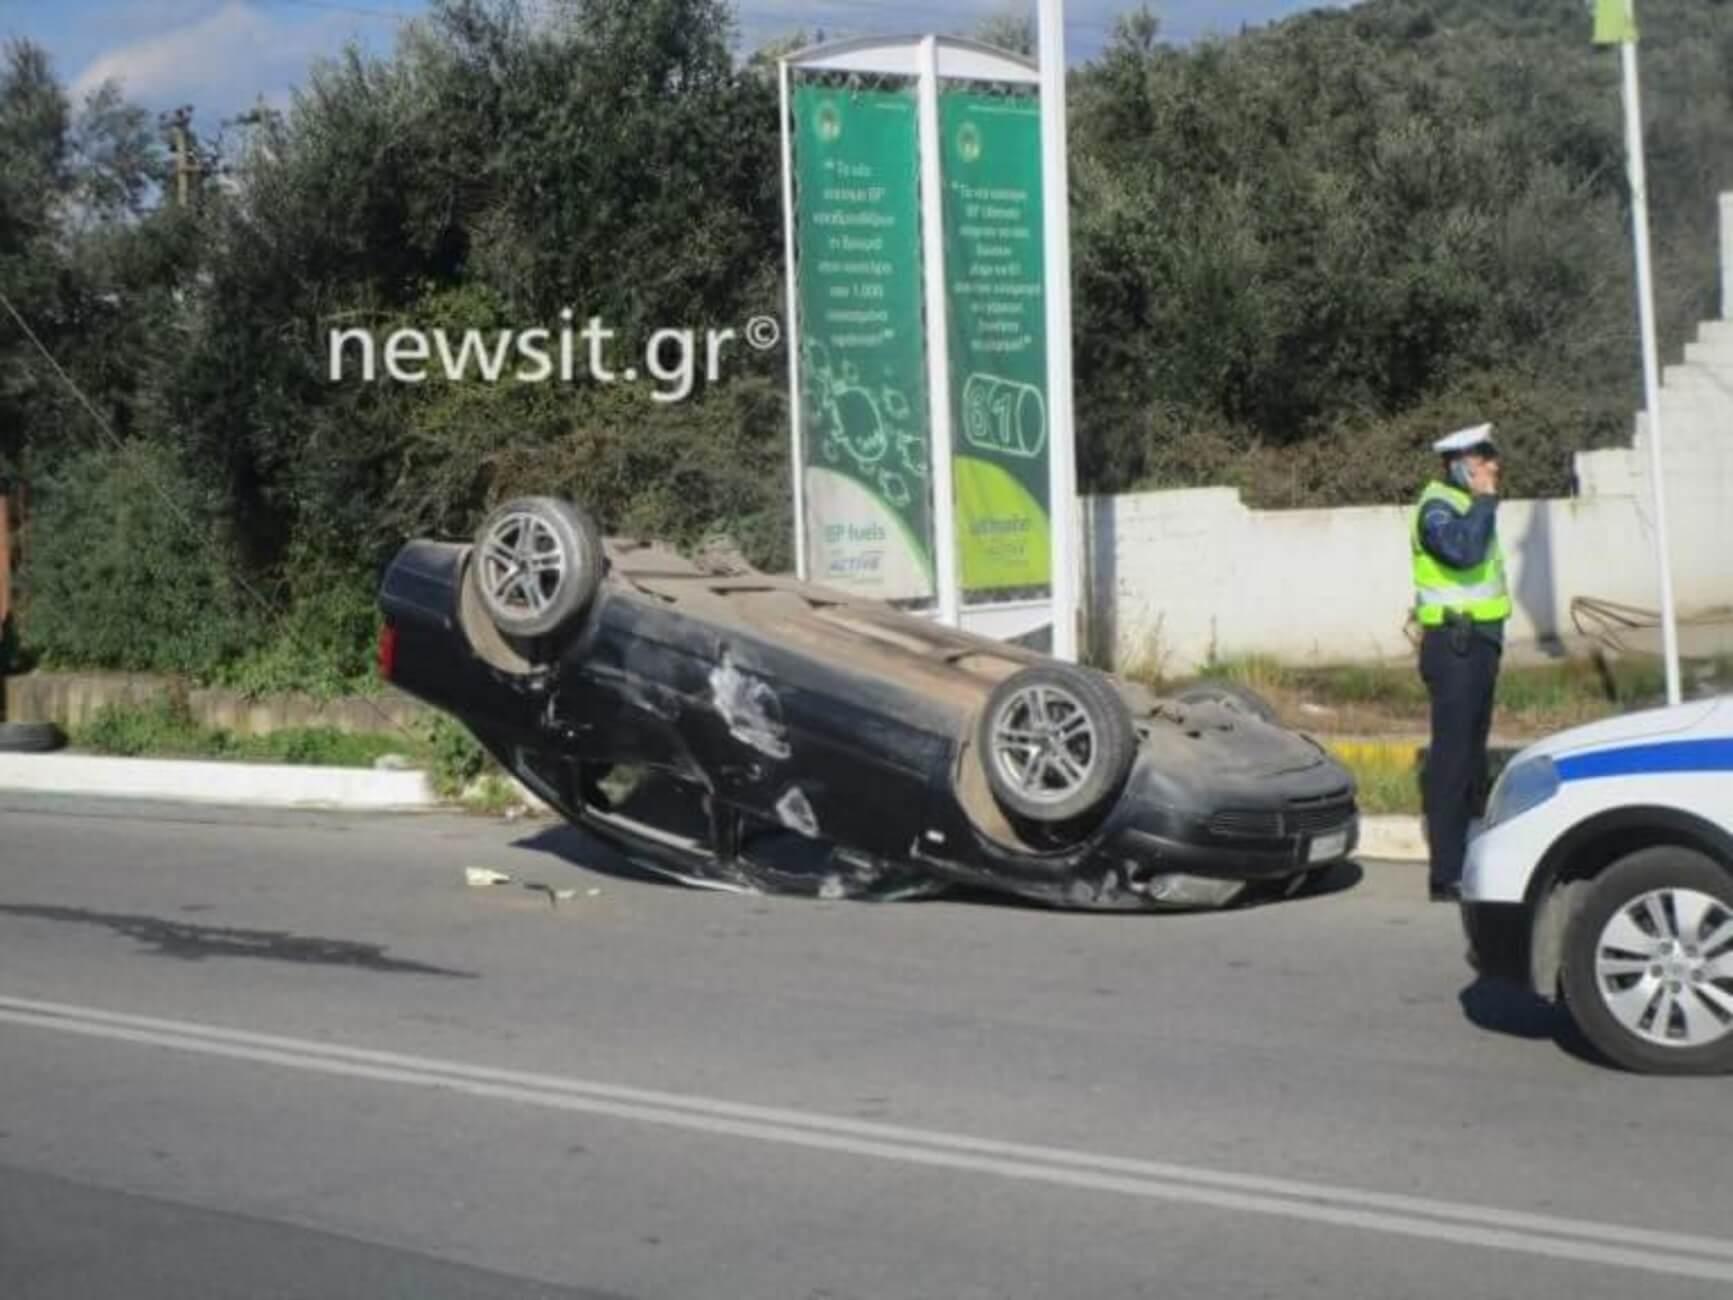 Καλαμάτα: Παραδόθηκε ο οδηγός που παρέσυρε και σκότωσε μαθητή – Δεν είχε δίπλωμα οδήγησης [pics]